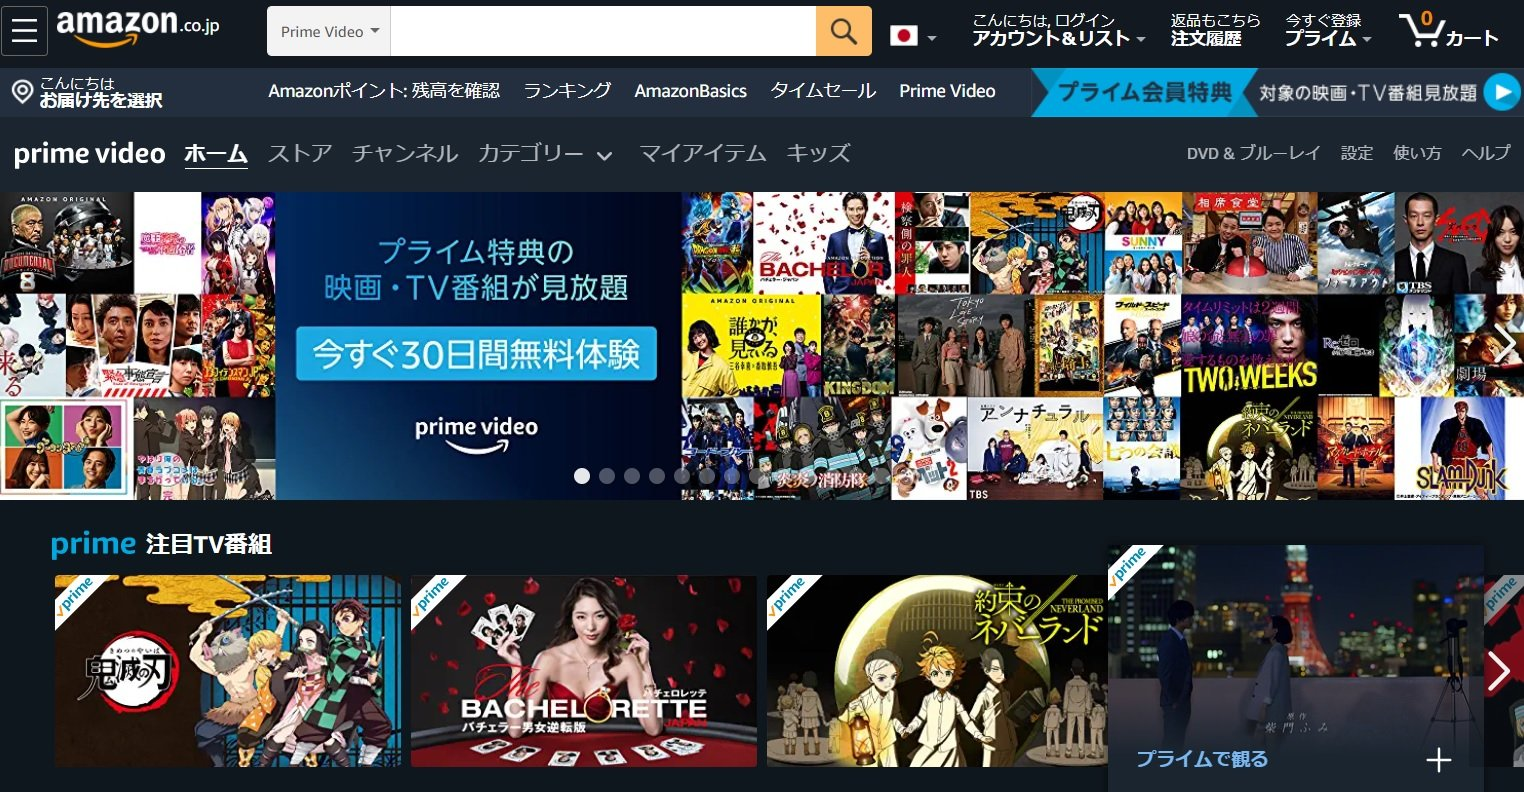 amazonプライムビデオのトップページ